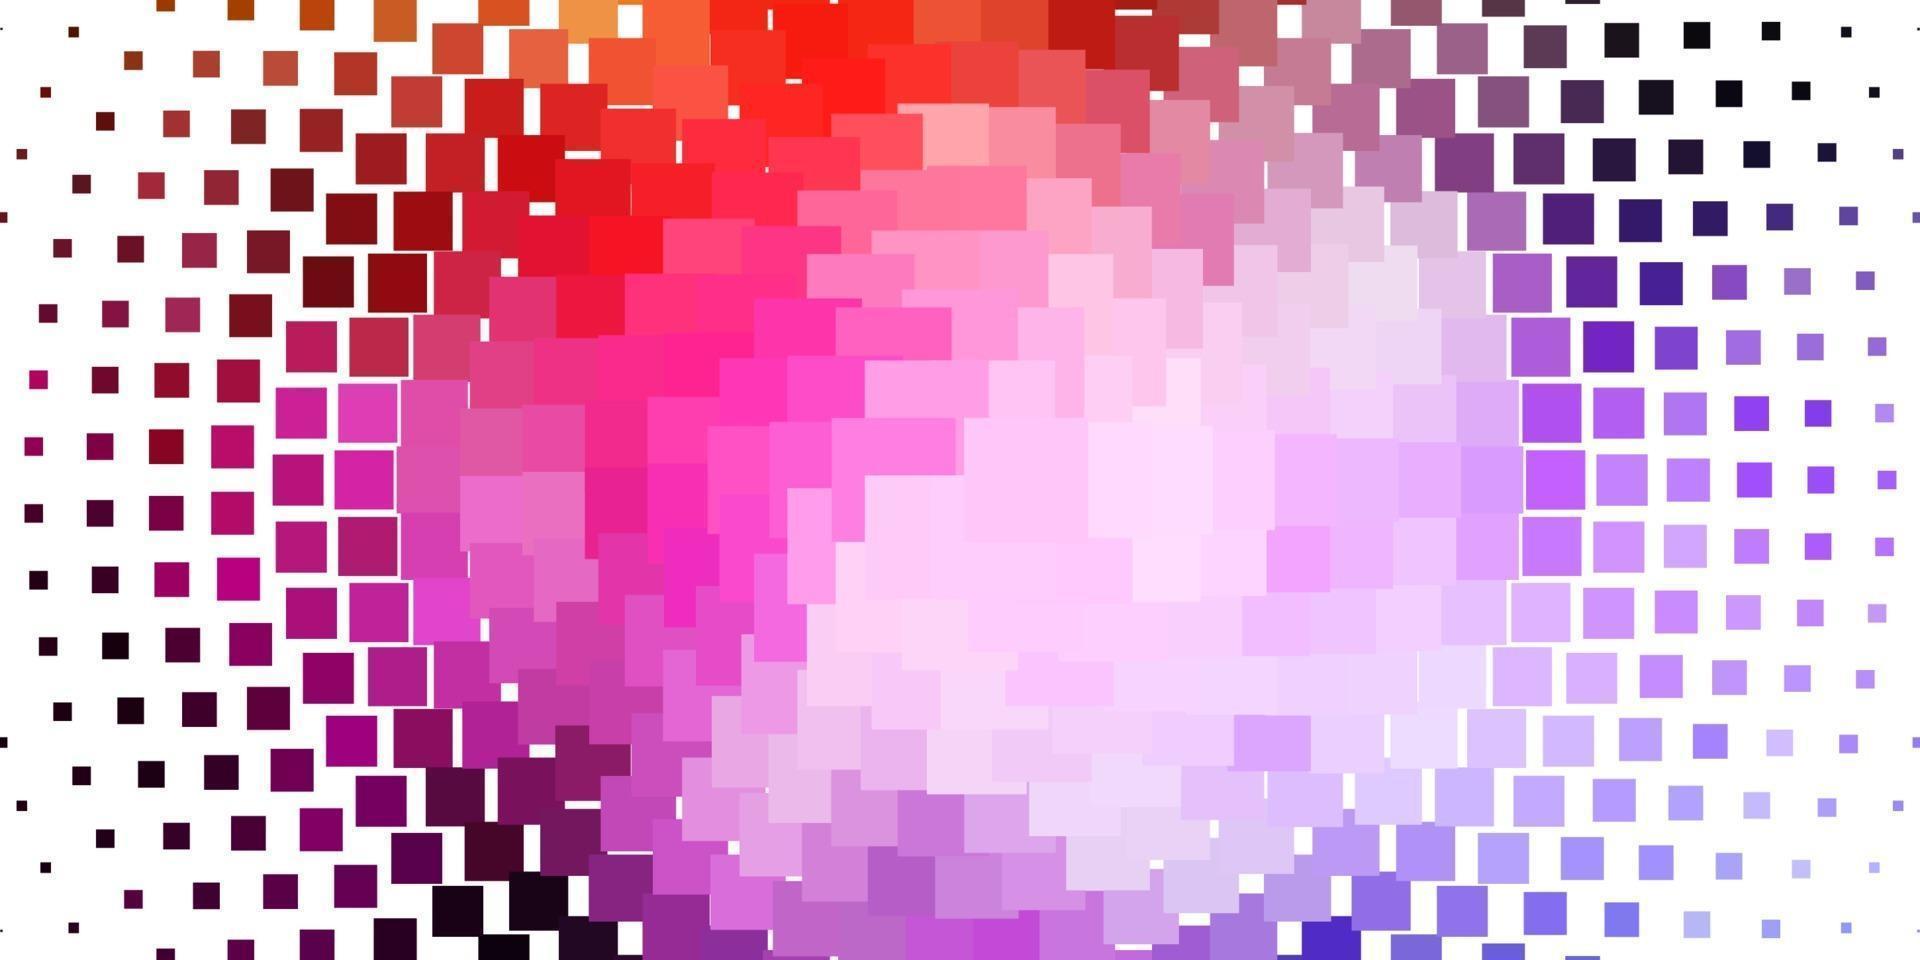 sfondo vettoriale rosa chiaro, giallo con rettangoli.